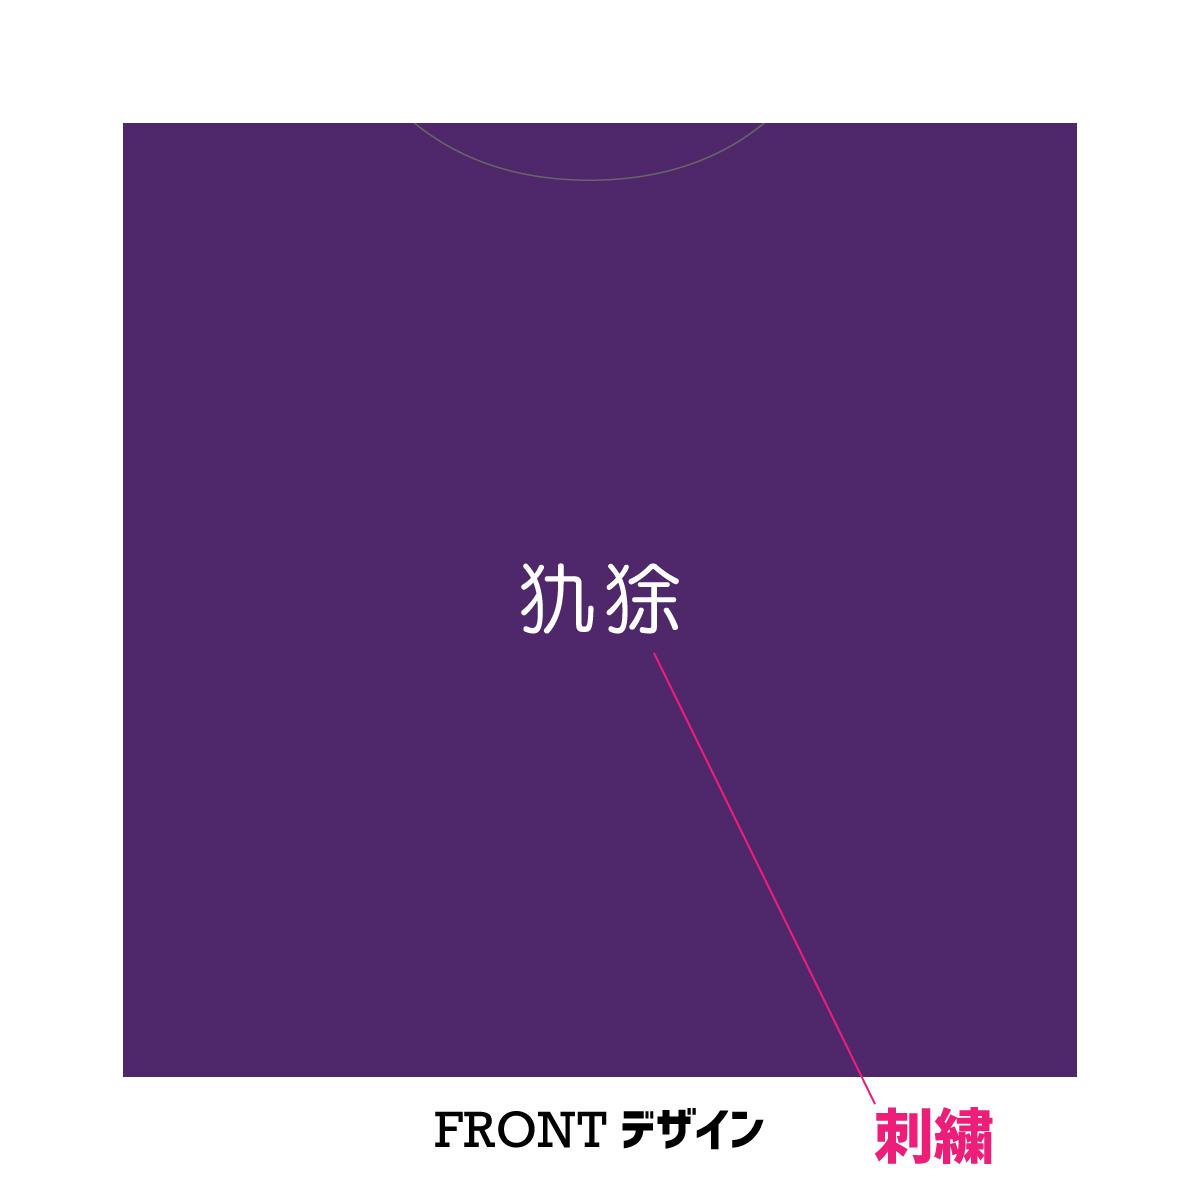 【メンバーズサイト限定】桜庭大翔プロデュース「アルマジロTシャツ(パープル)」